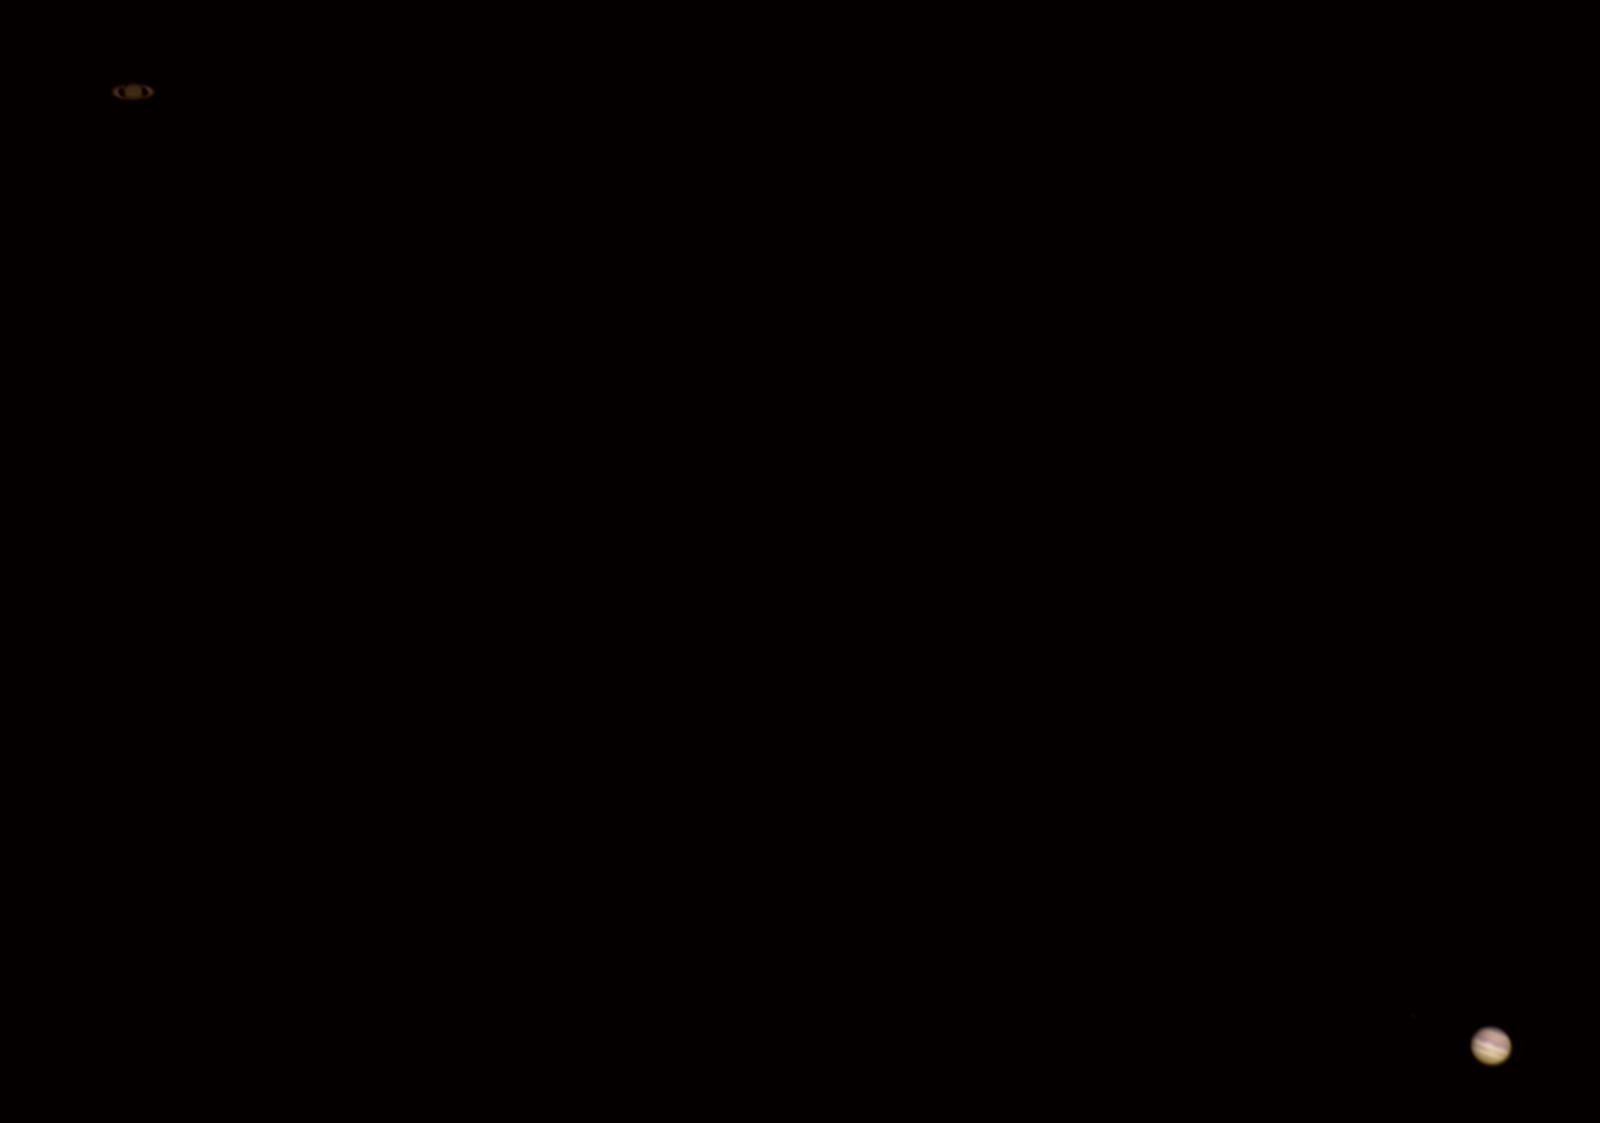 16_46_46_lapl4_ap2_3colTIFa.jpg